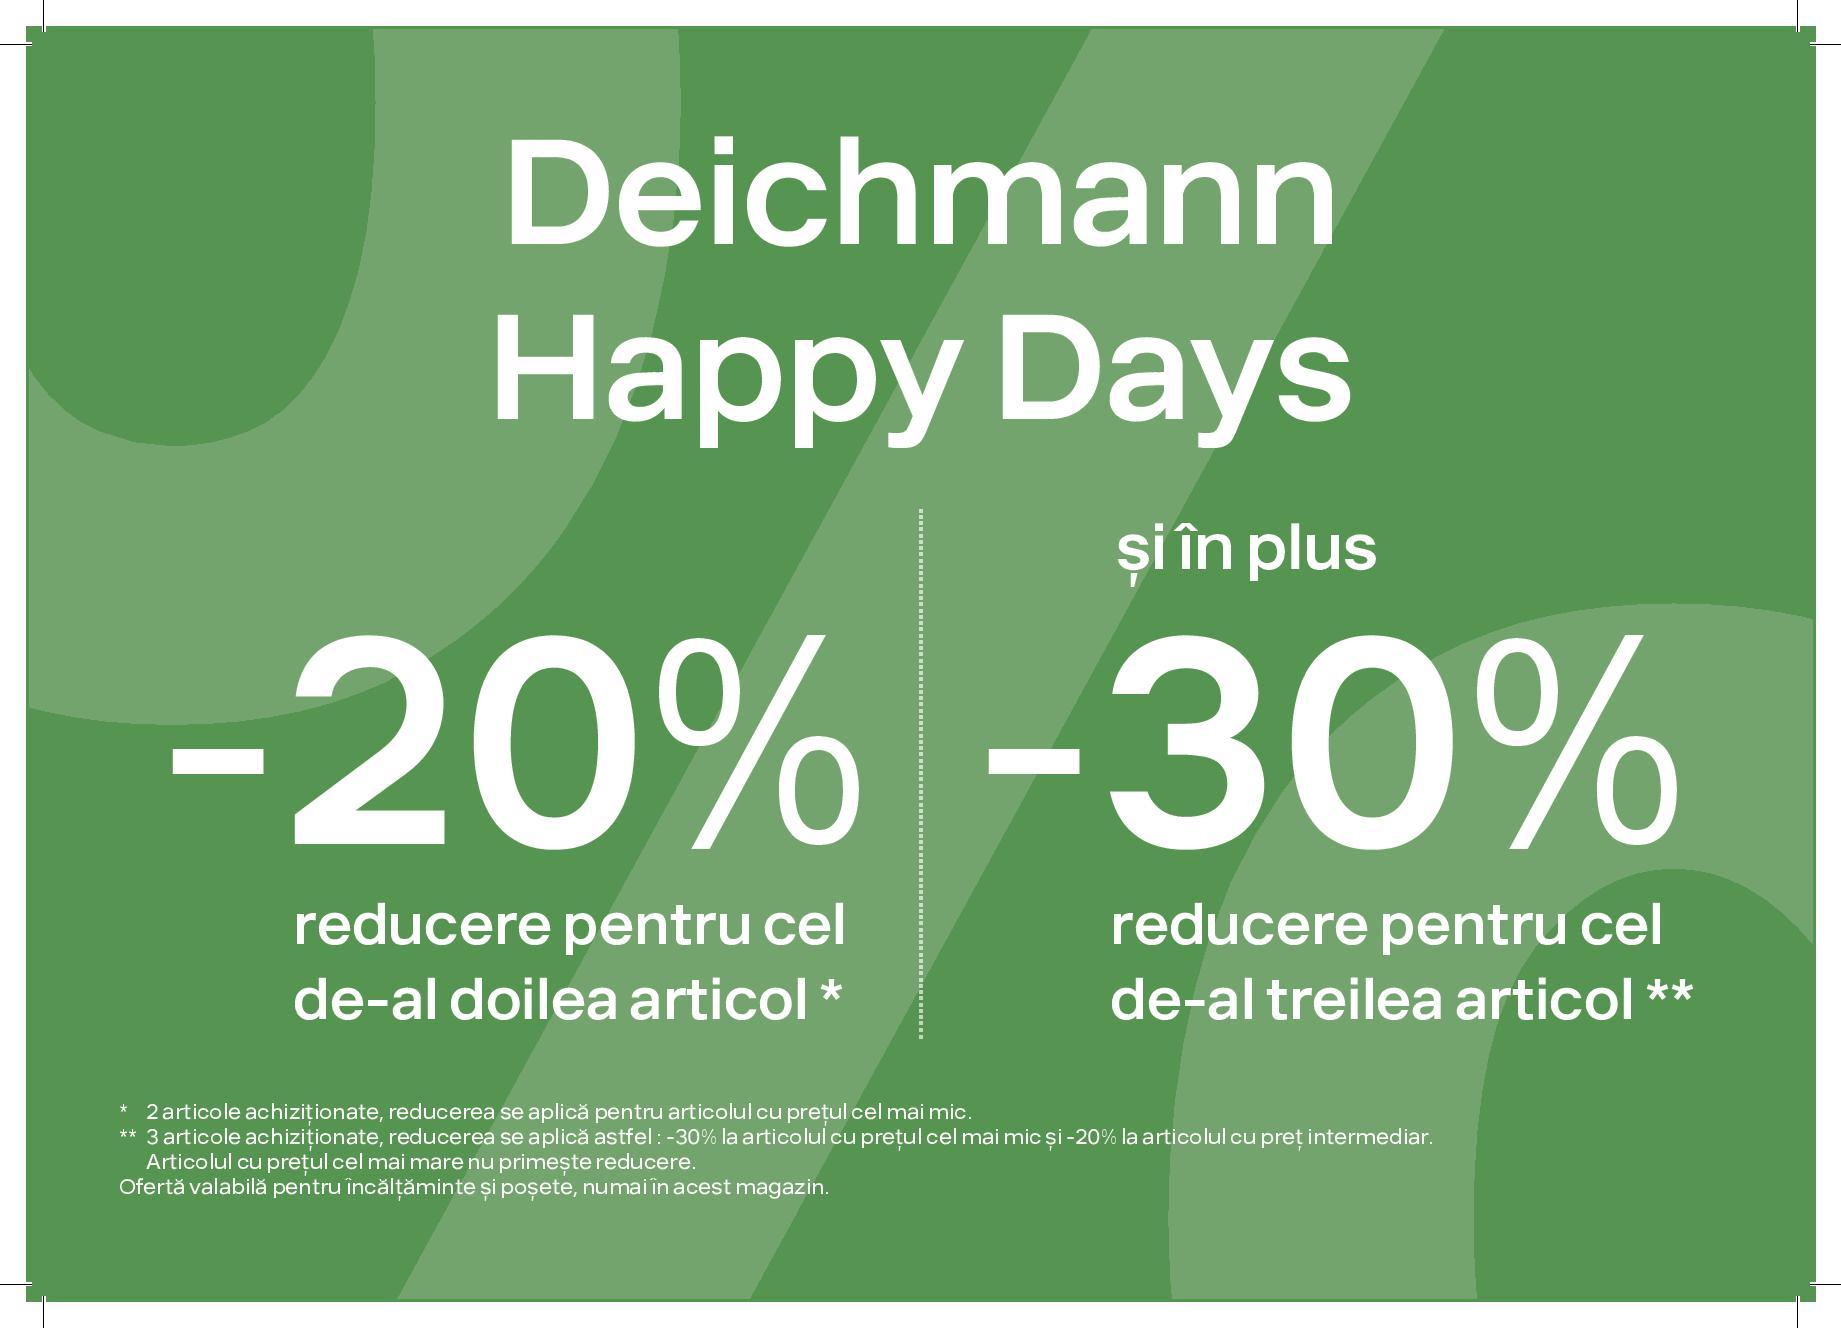 Deichmann-redeschidere-magain-promotii-martie-2018